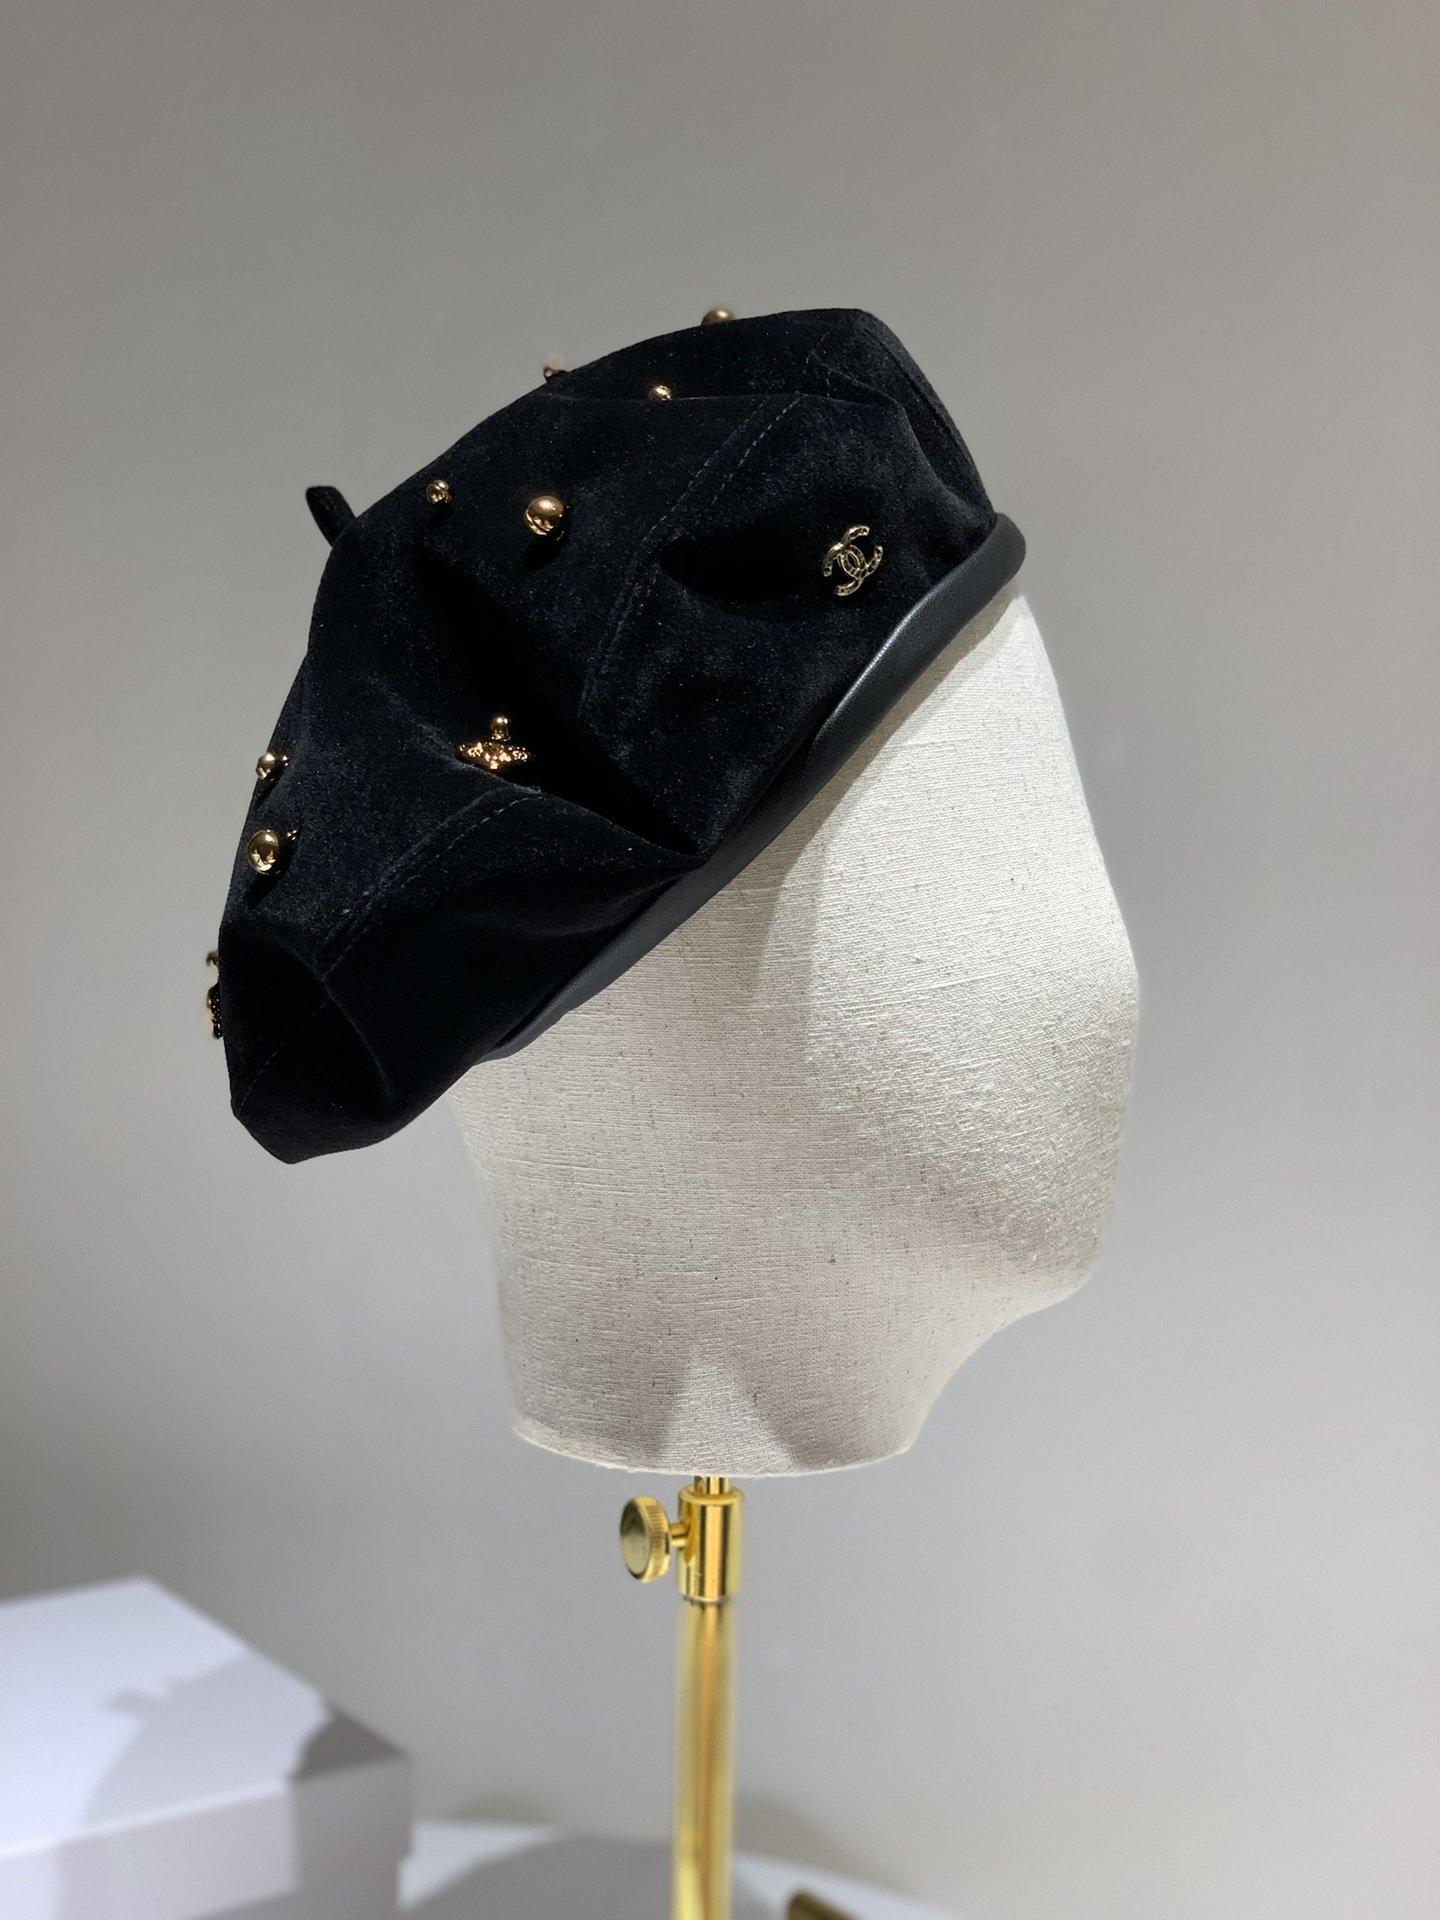 Chanel香奈儿2020新款贝蕾帽